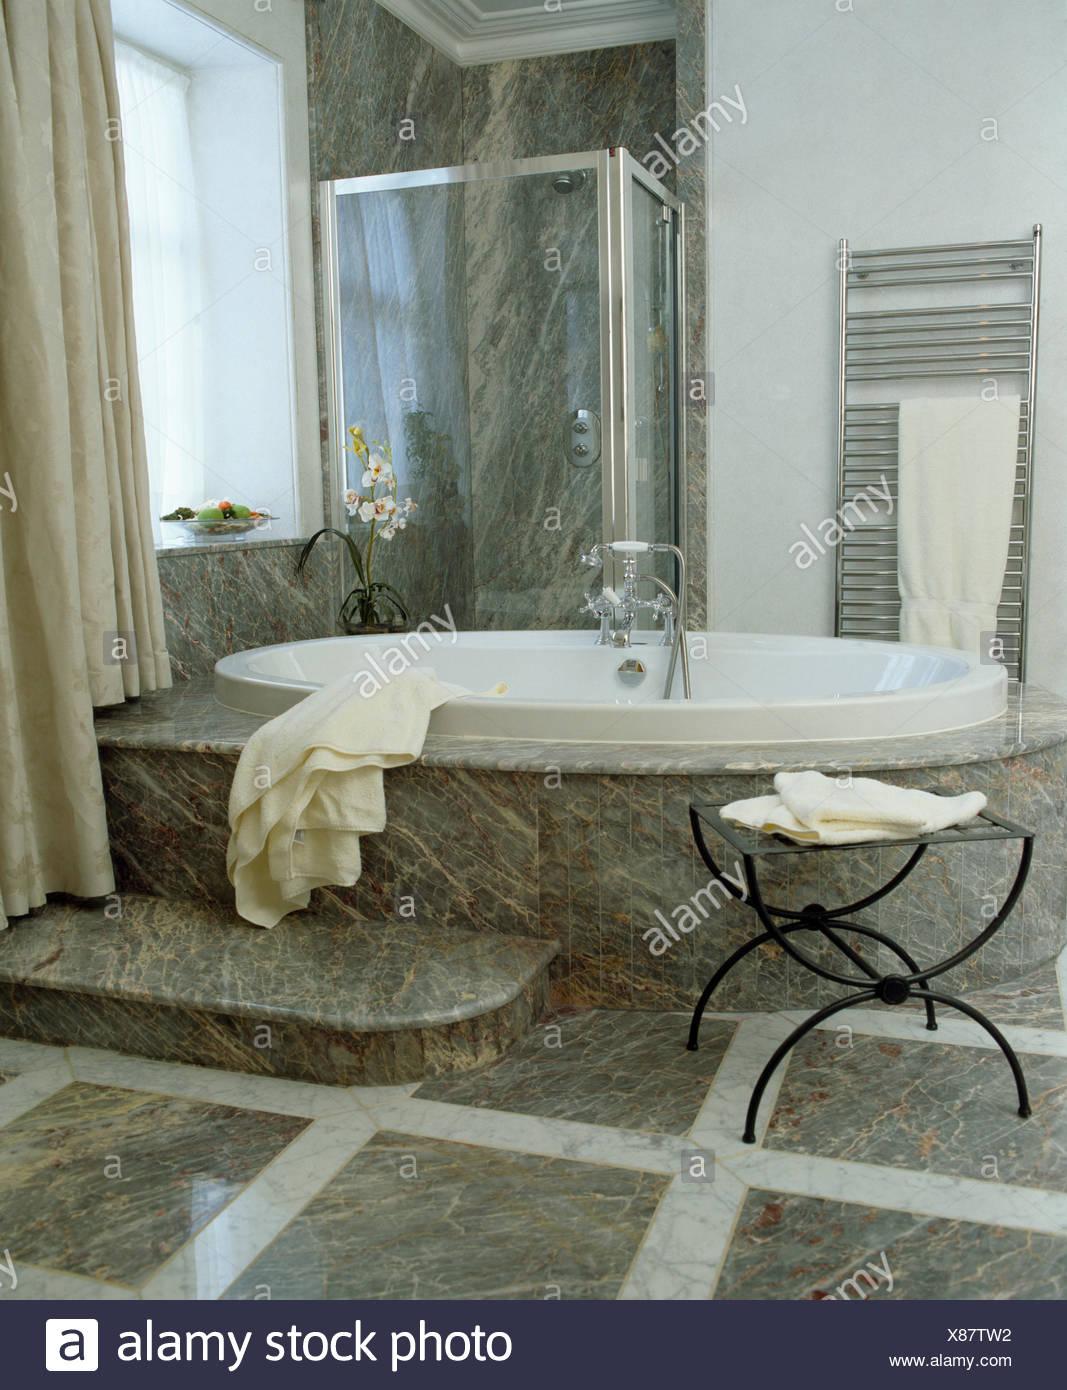 Vasca ovale in marmo sollevata circondano in bagno moderno - Bagno moderno grigio ...